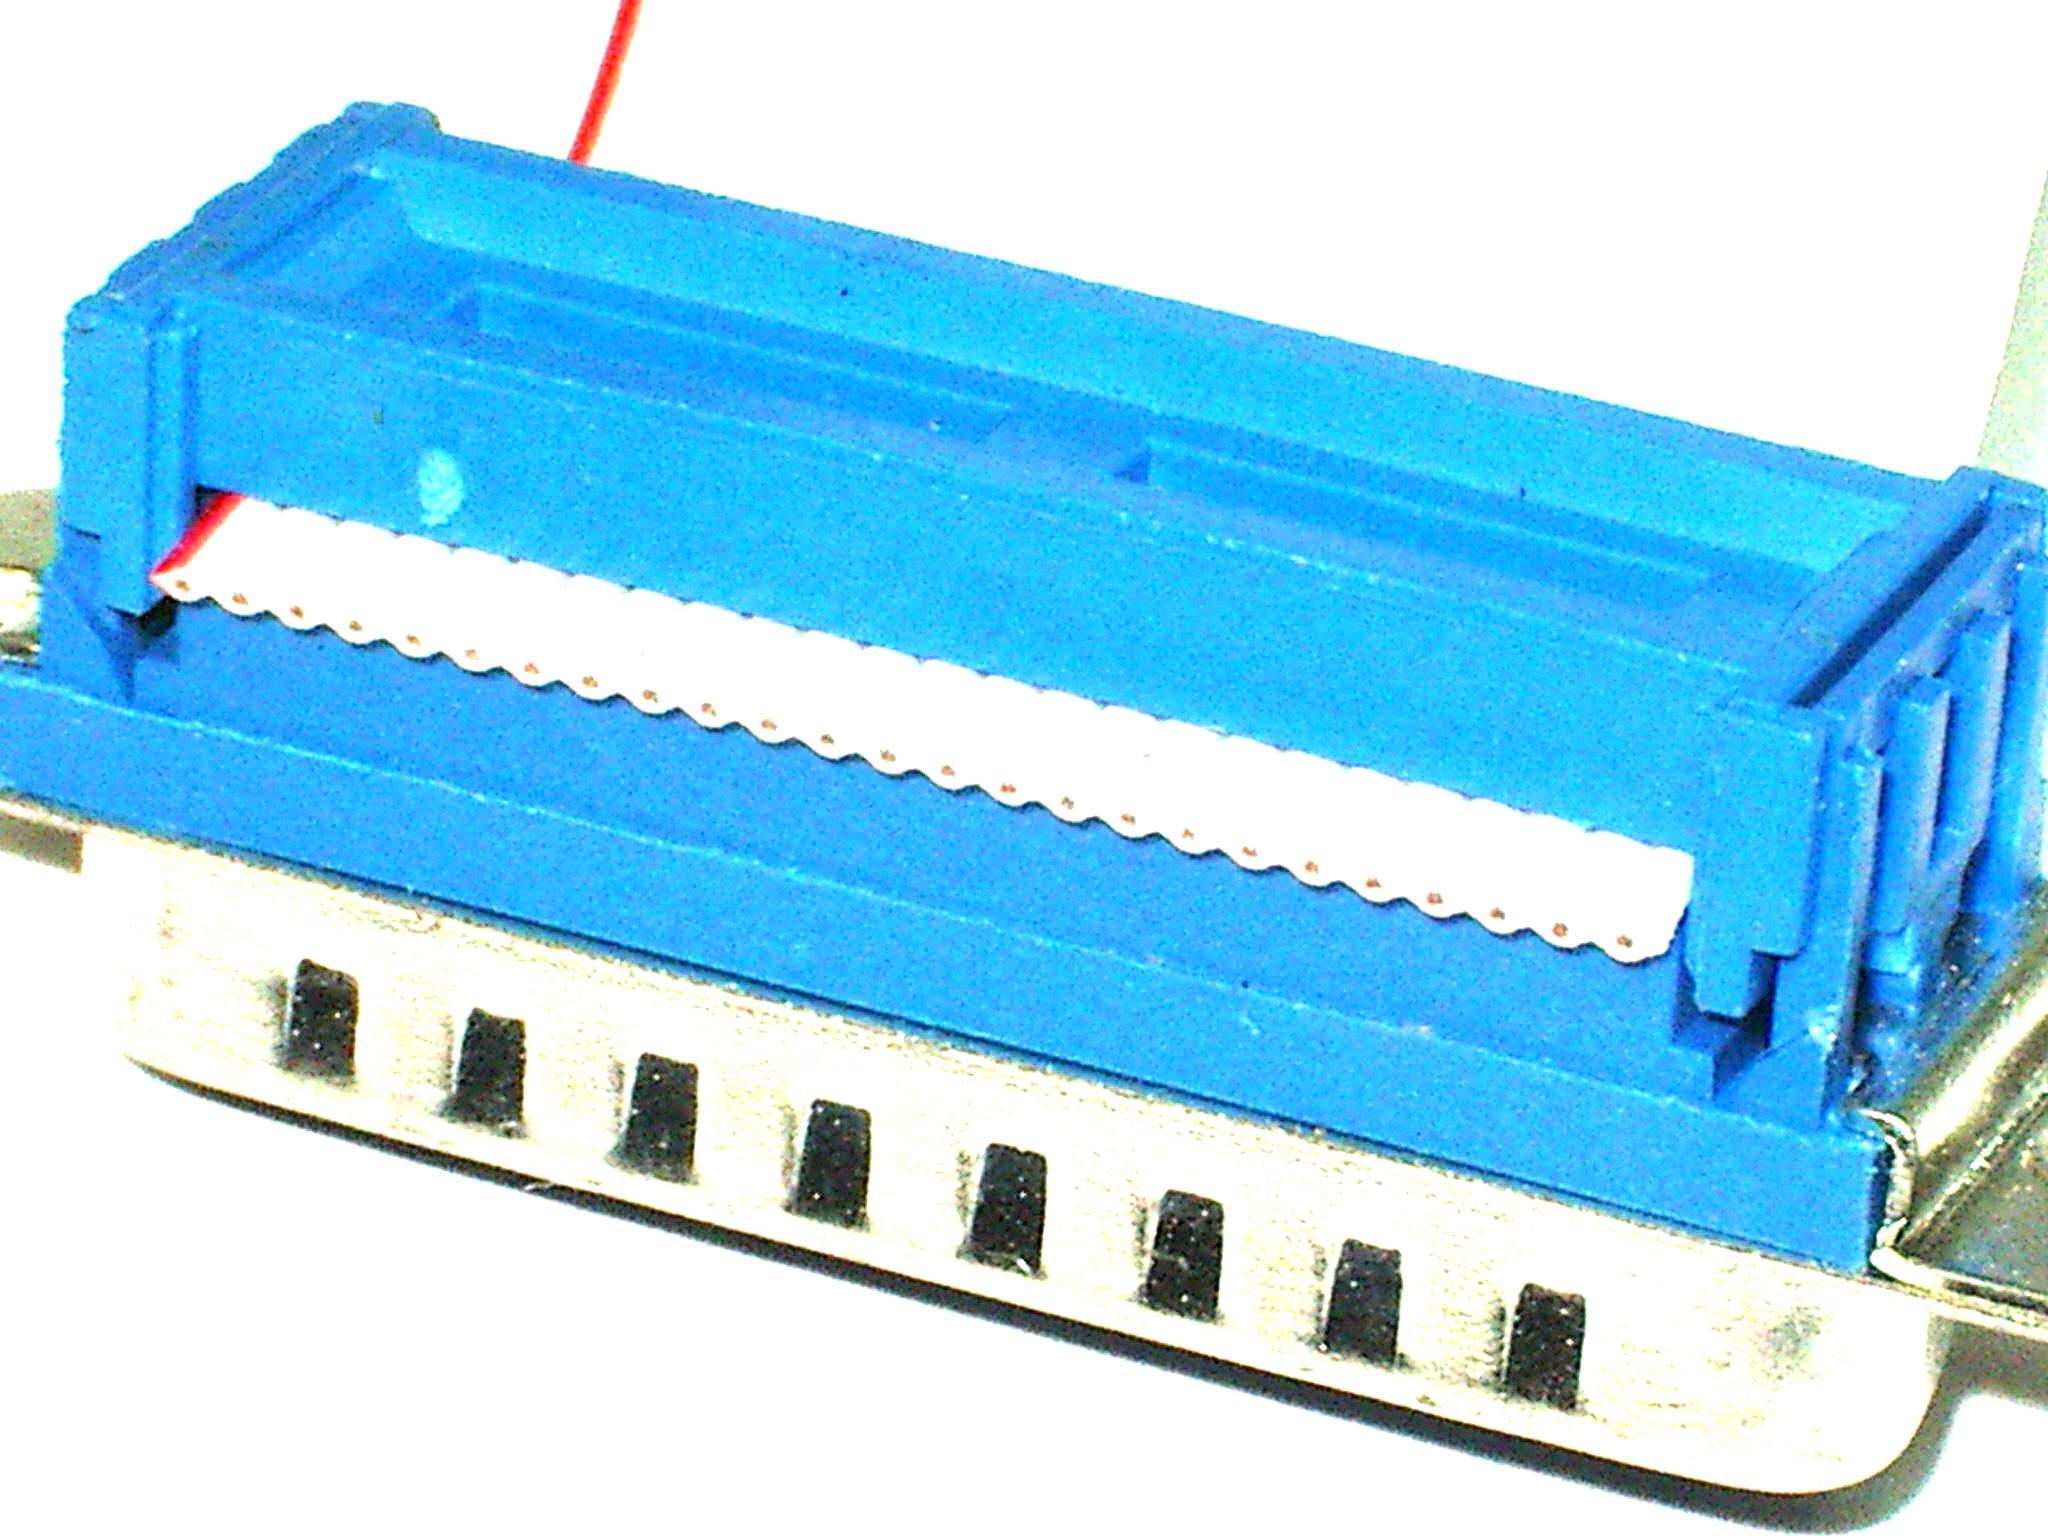 MechaPlus CNC-Modellbau Portalfräsmaschinen